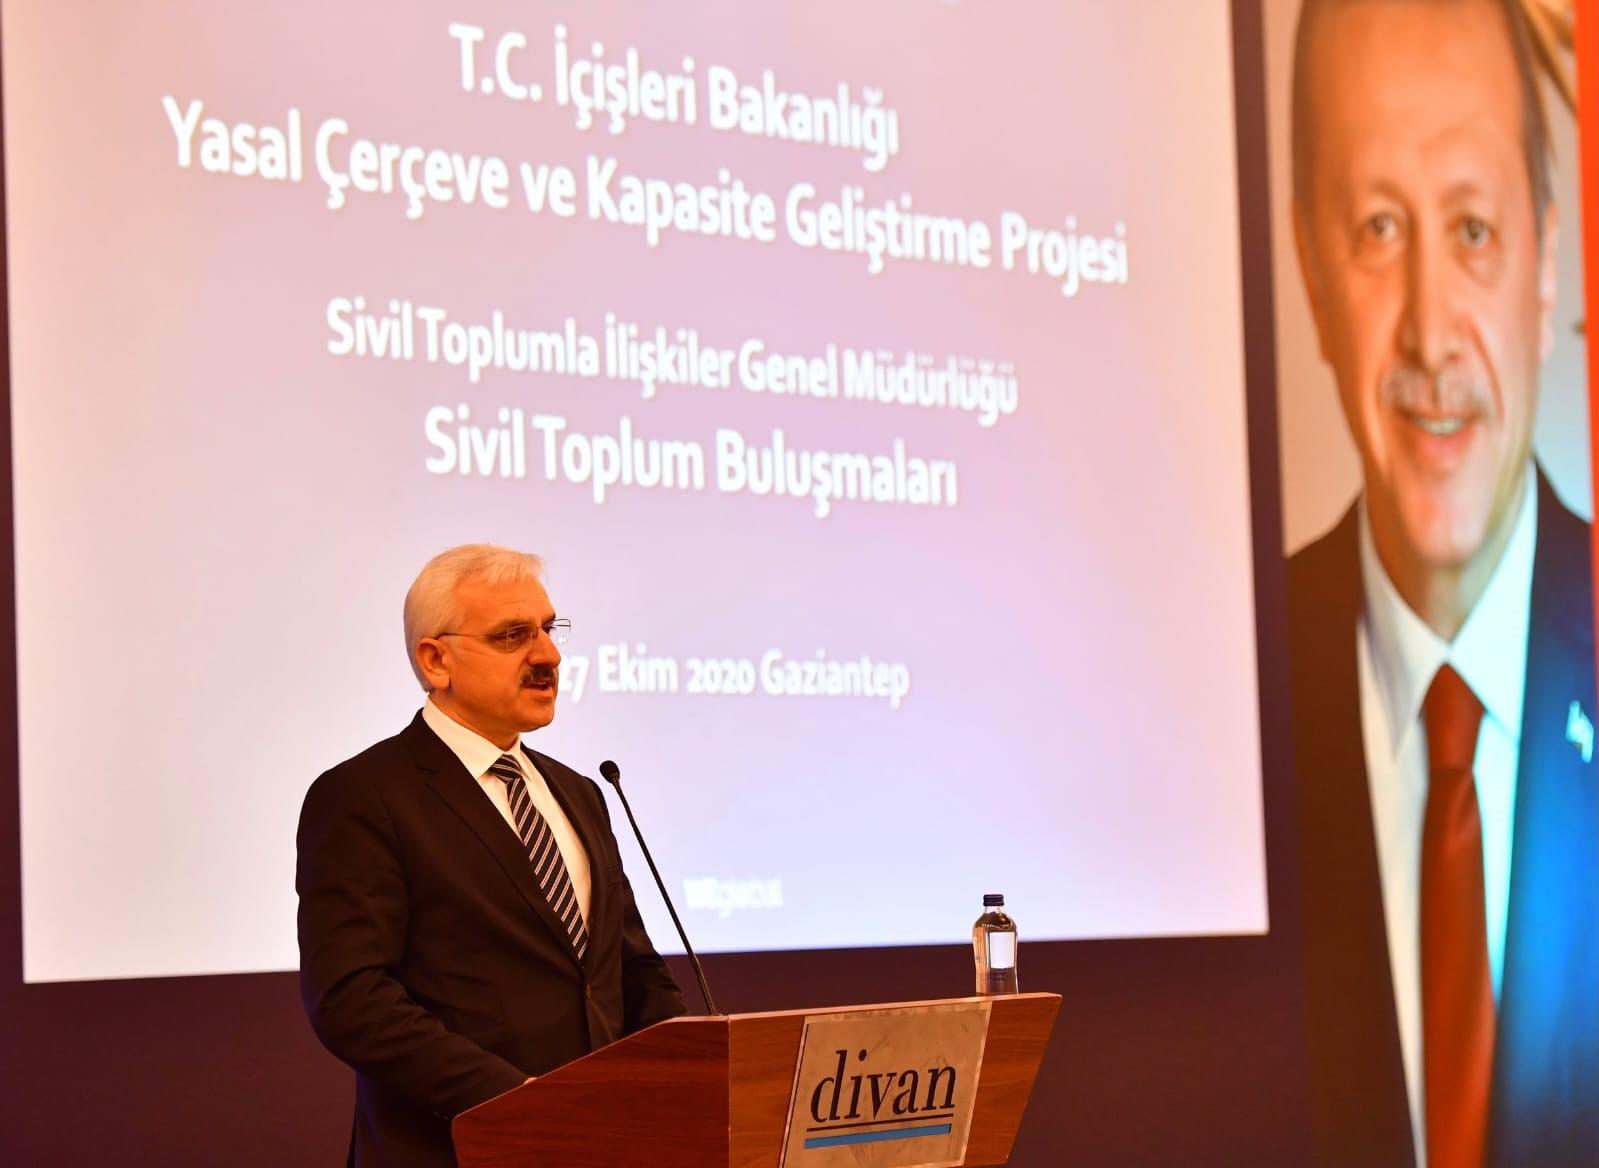 Sivil Toplum BuluşSivil Toplum Buluşmaları Gaziantep ile Devam Ediyor-2-maları Gaziantep ile Devam Ediyor